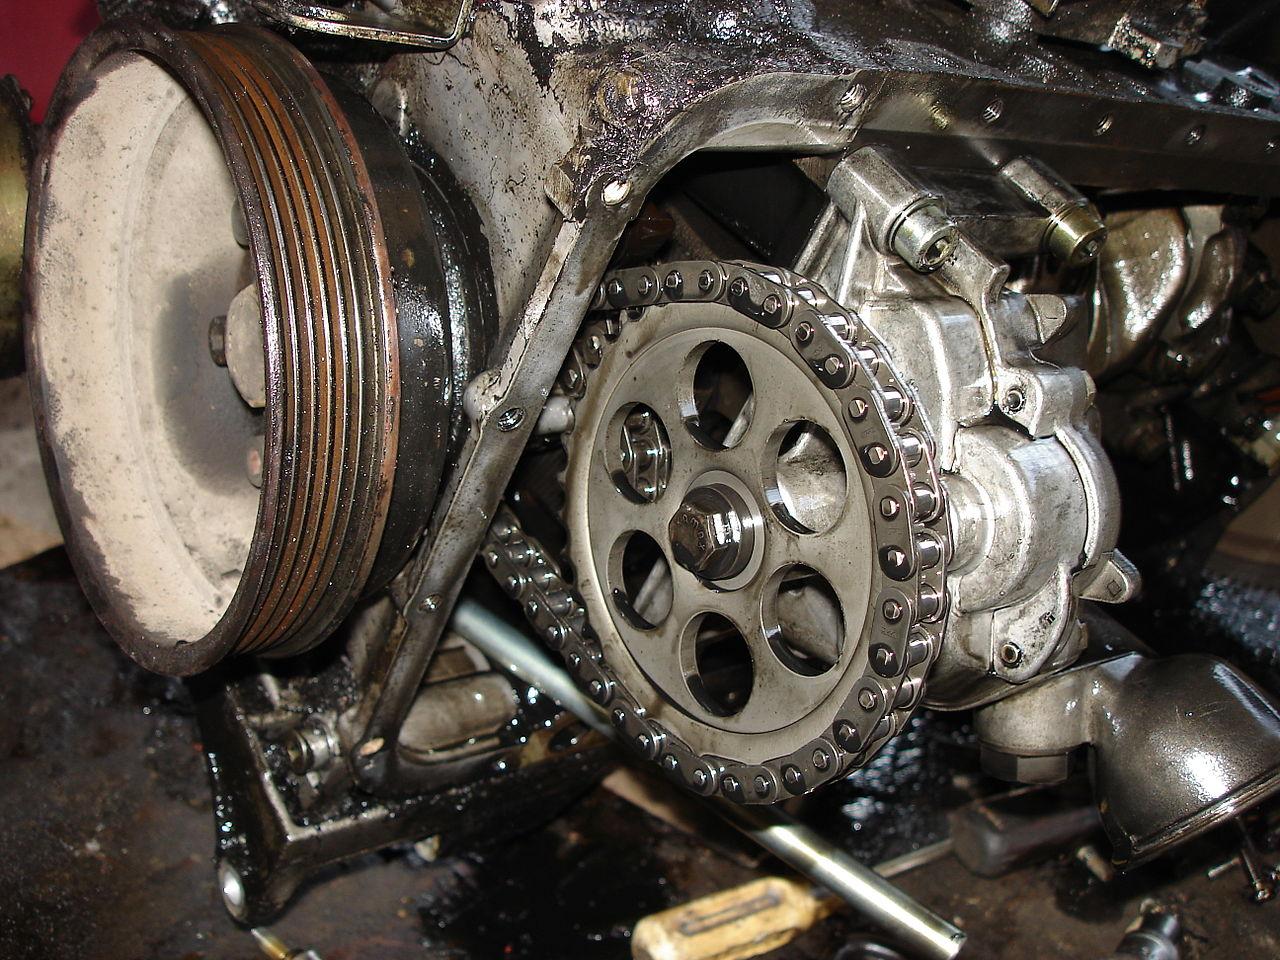 1989 Chevy C K Pickup Wiring Diagram Manual Original File A Close View Of Om601 Diesel Engine Oil Pump Jpg